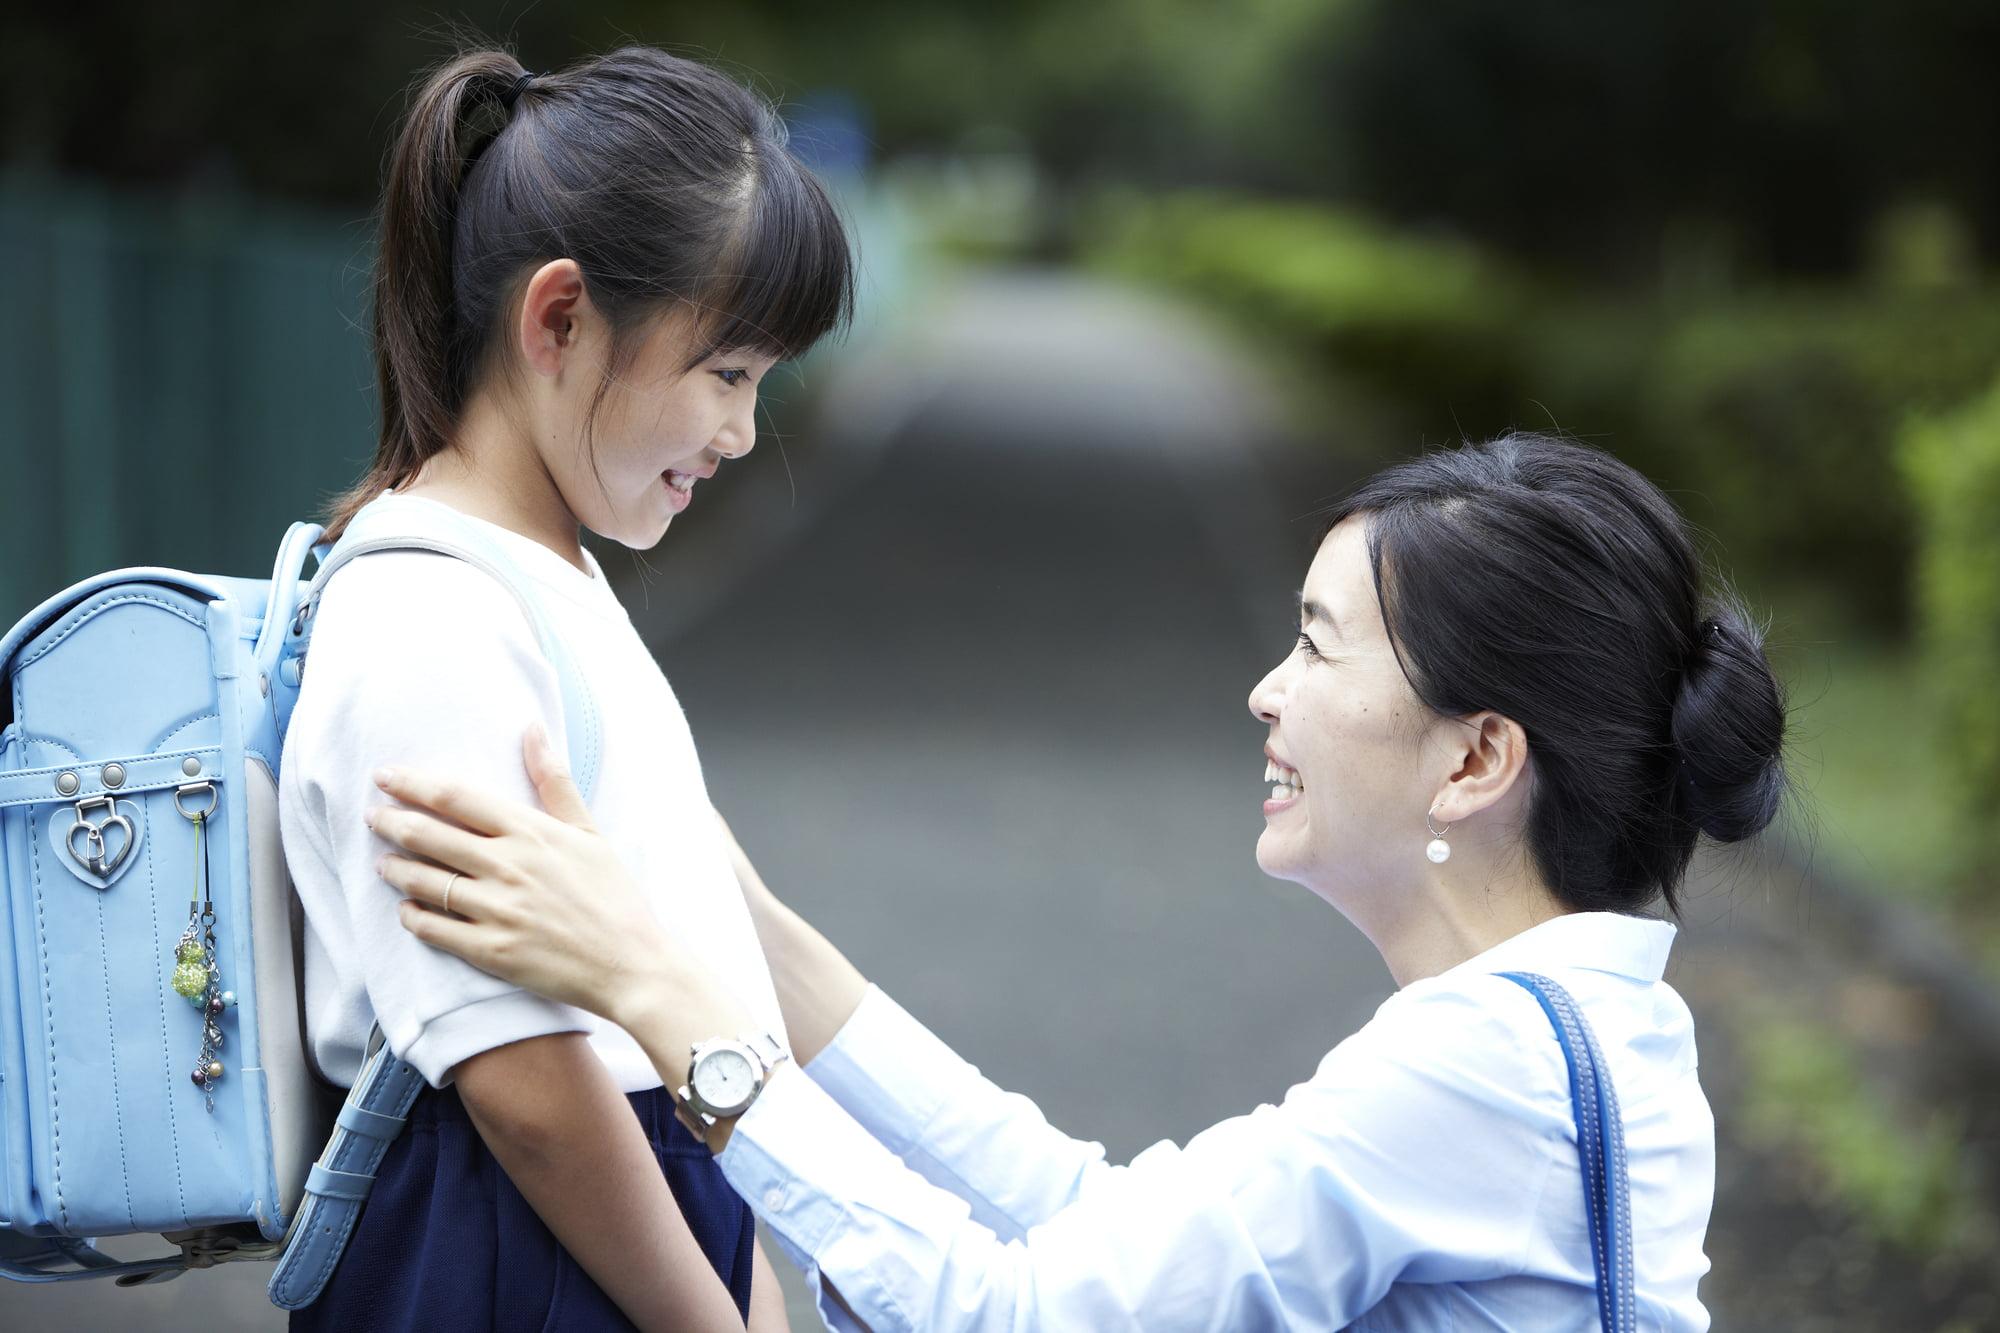 小学生の子と親